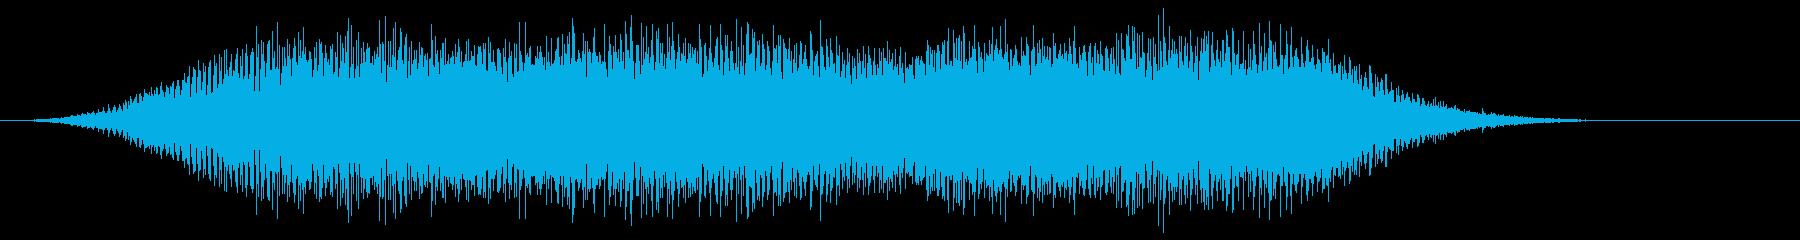 音楽:不気味なコンピューターのビー...の再生済みの波形